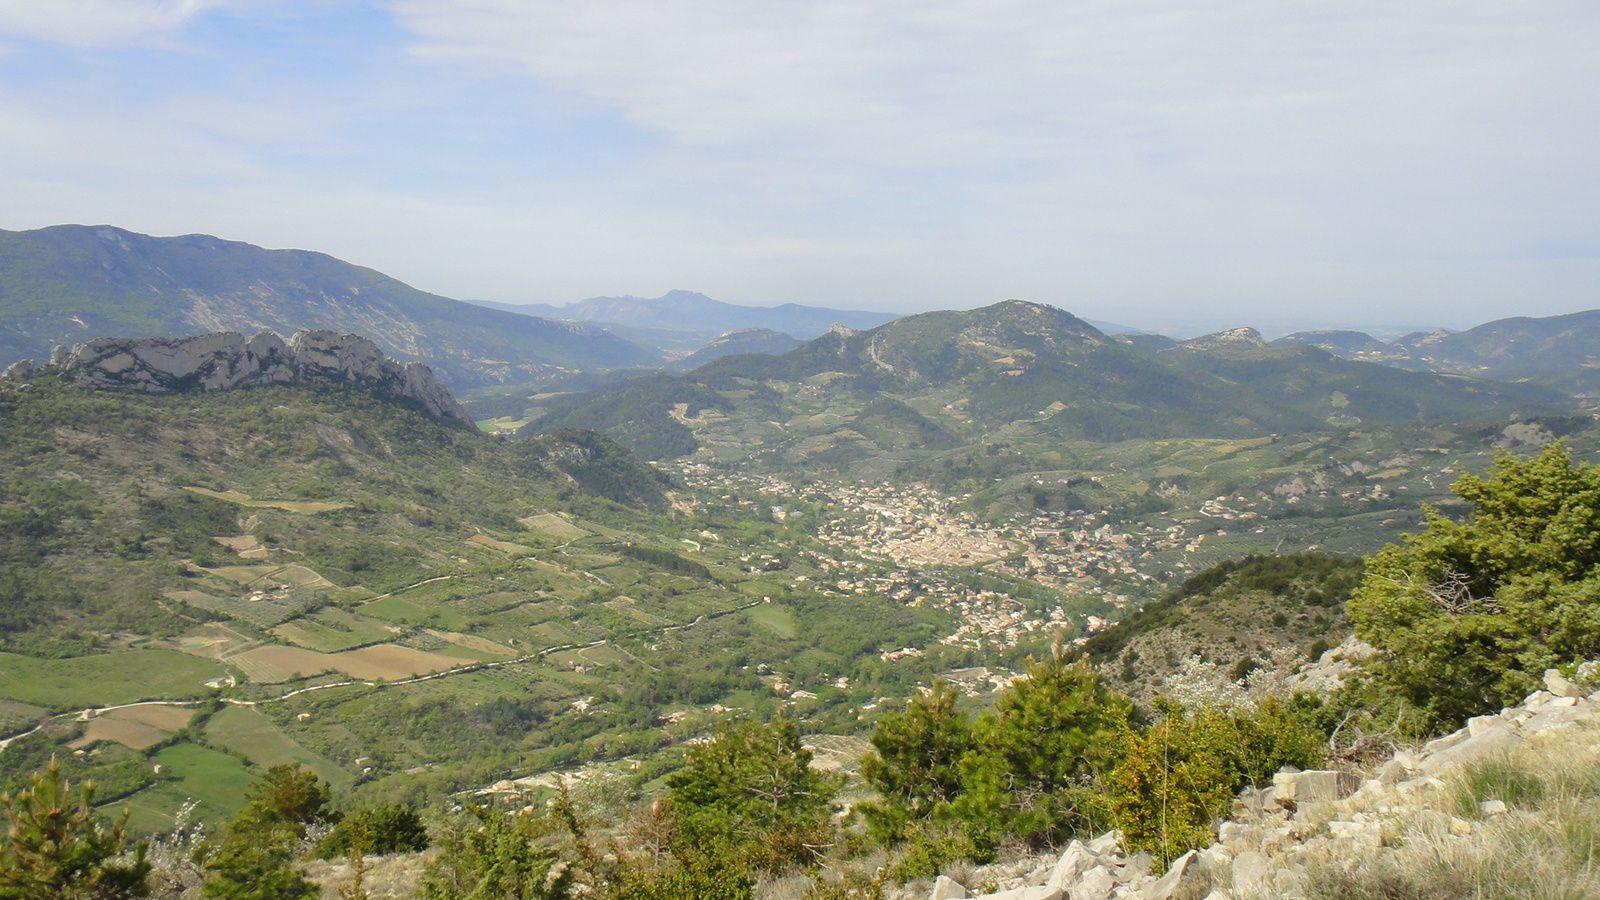 Montagne de Chevalet – Rochers de Trapes Loube (1009m)